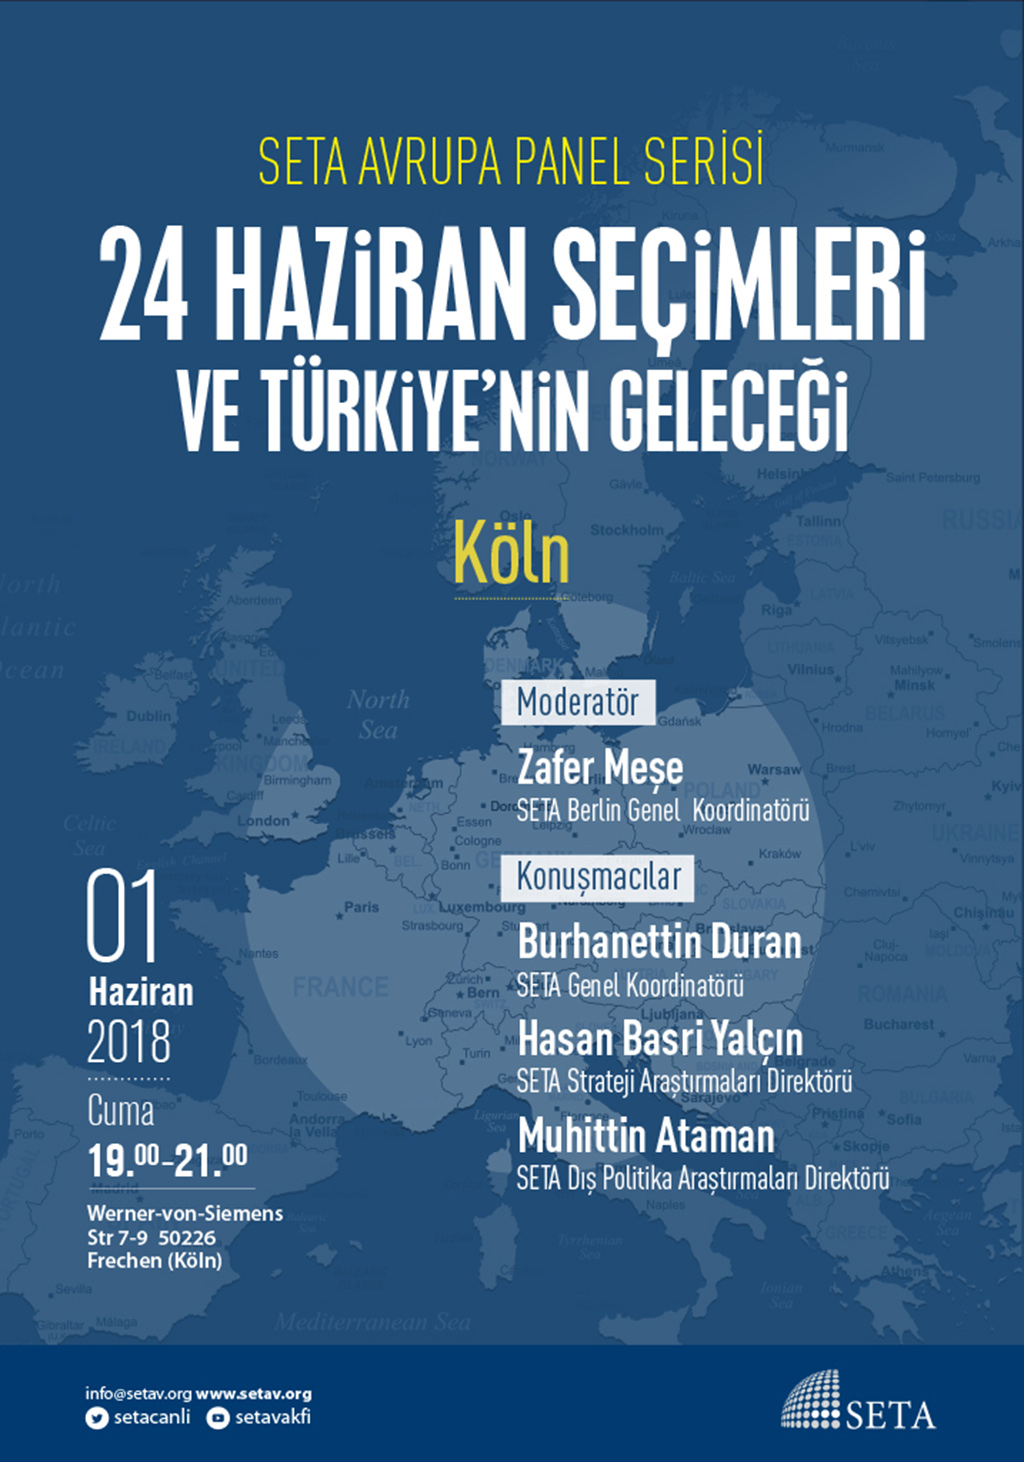 Panel: Köln | 24 Haziran Seçimleri ve Türkiye'nin Geleceği